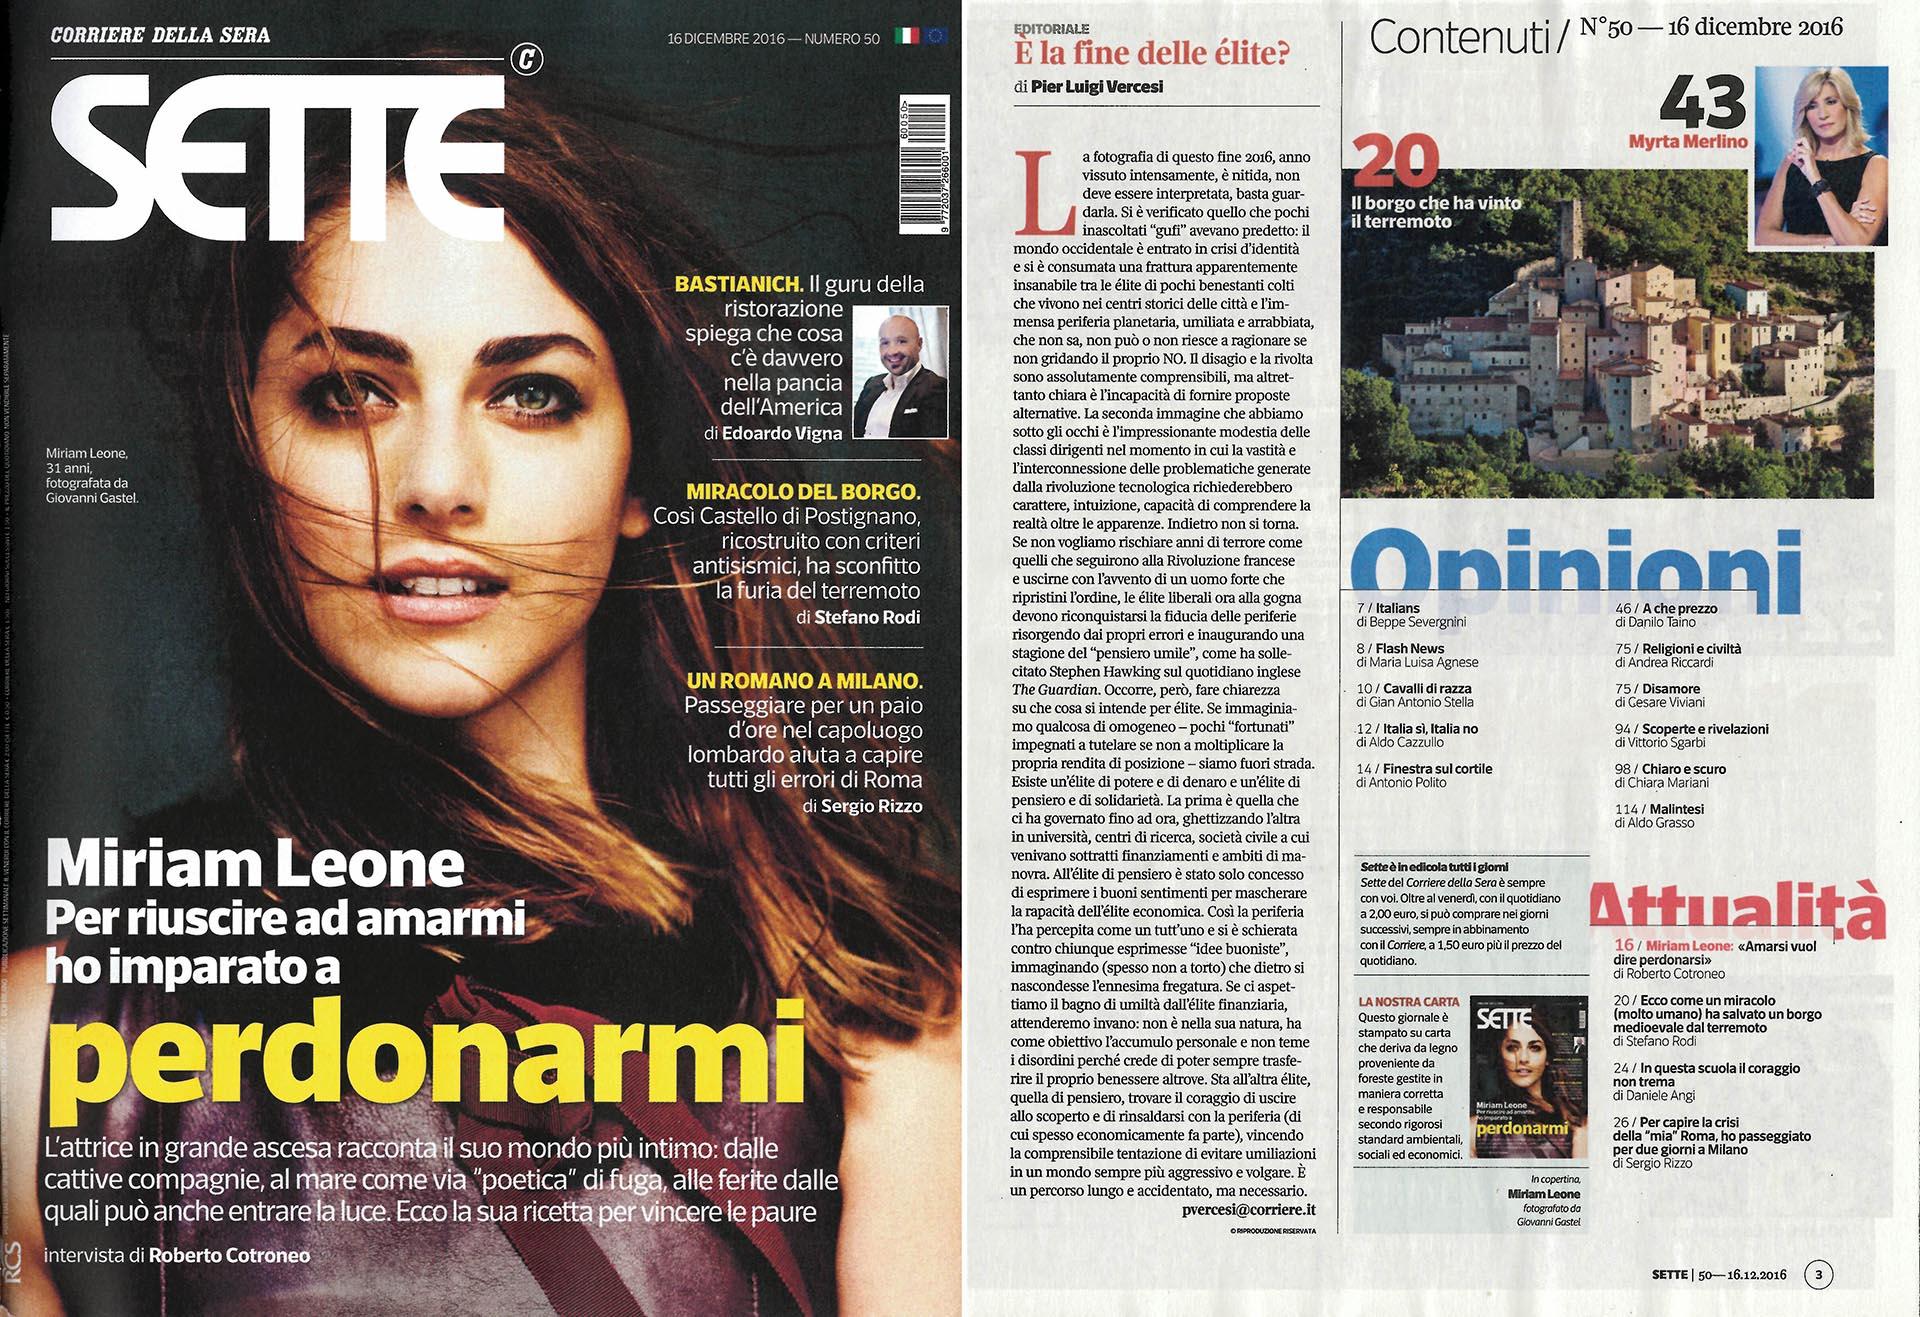 Sette - Corriere della Sera, 16 dicembre 2016